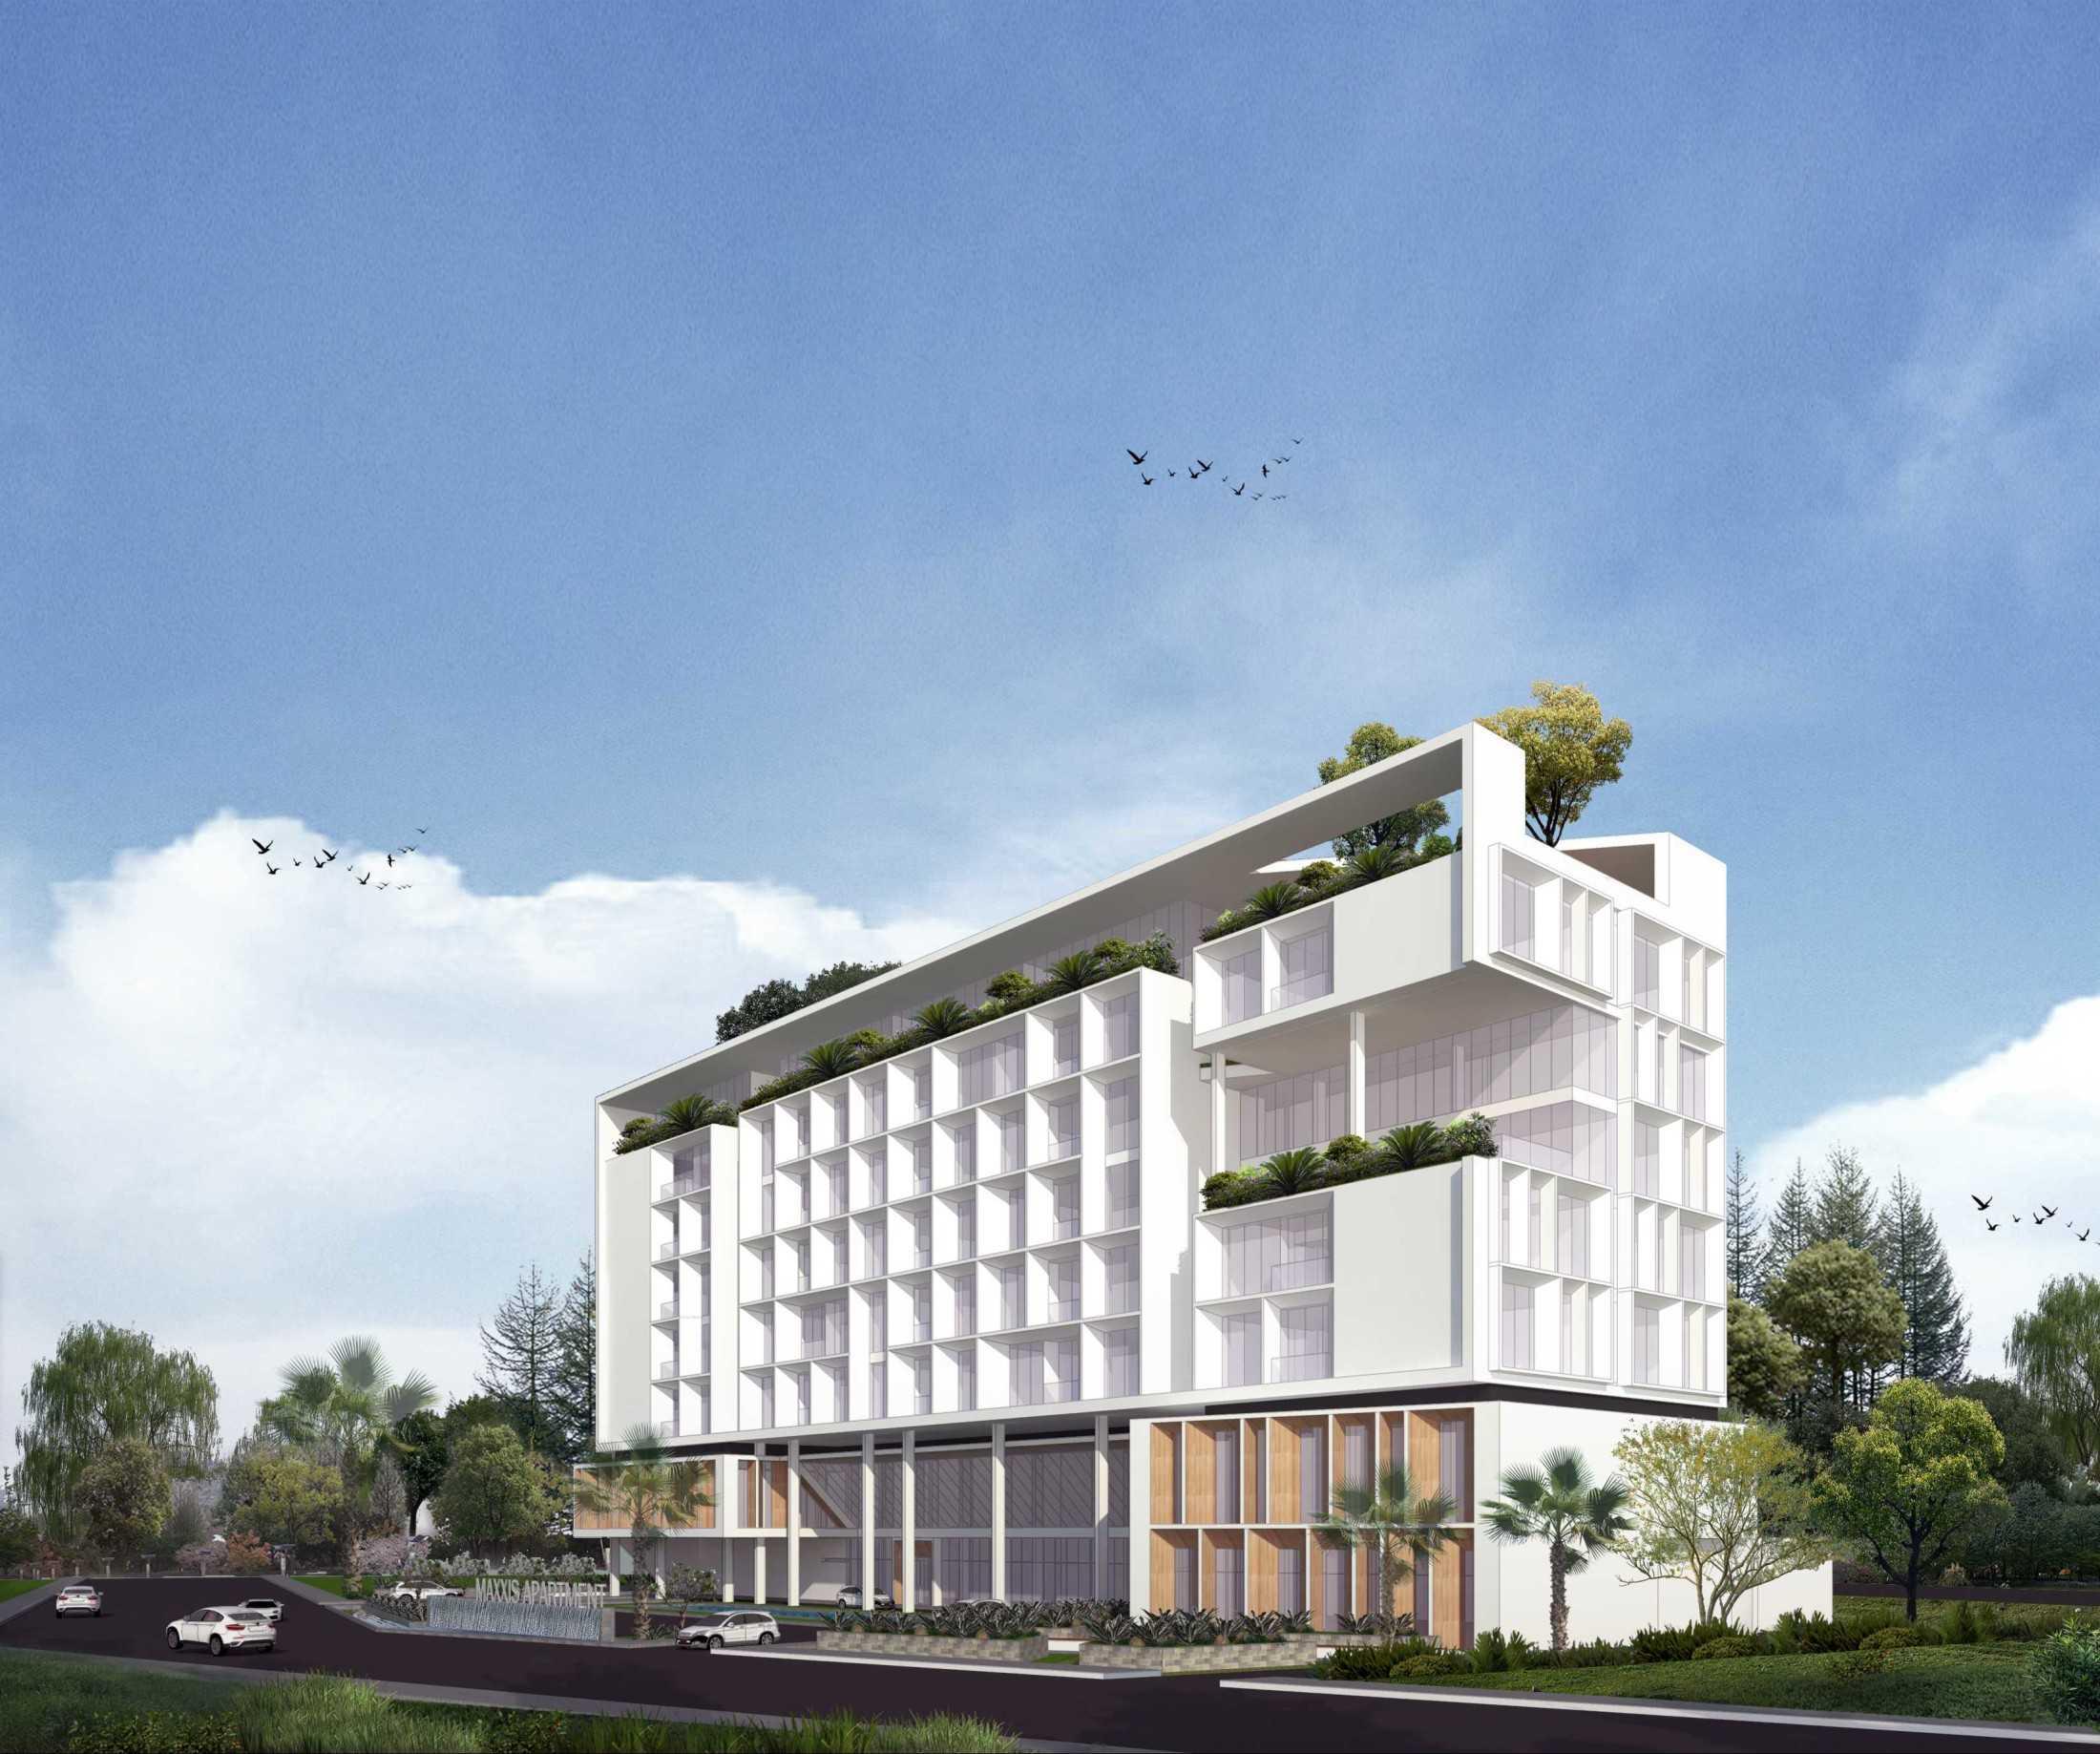 Alima Studio Apartment Maxxis Cikarang, Bekasi, Jawa Barat, Indonesia Cikarang, Bekasi, Jawa Barat, Indonesia Alima-Studio-Apartment-Maxxis  57241